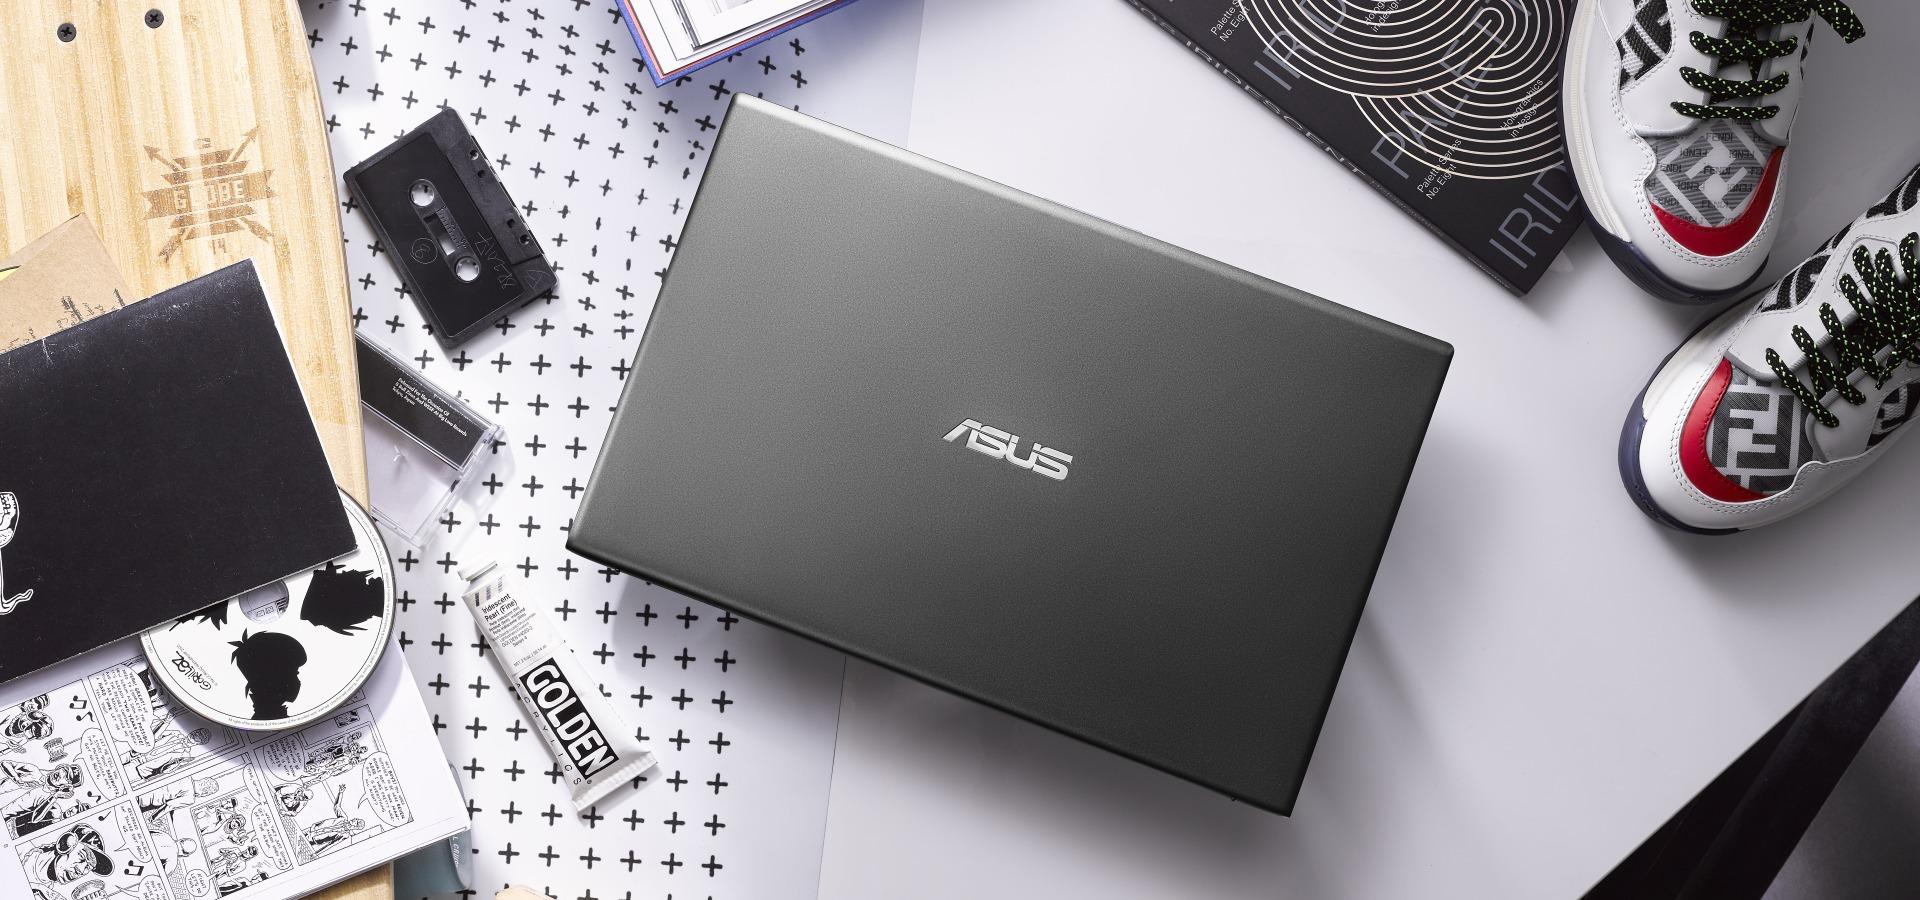 Nowa seria laptopów VivoBook już dostępna w Polsce